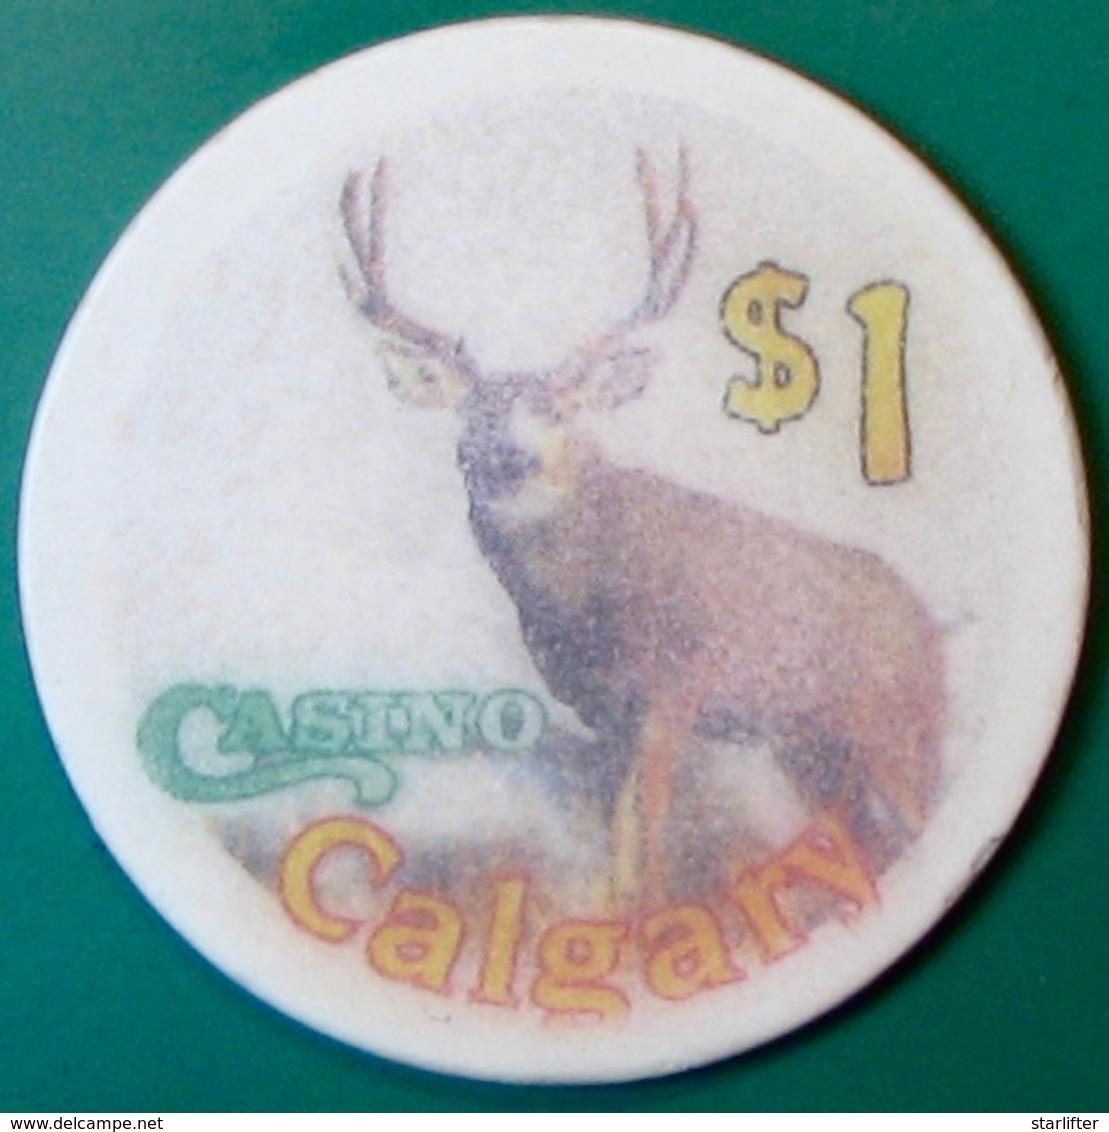 $1 Casino Chip. Casino Calgary, Calgary, Canada. C73. - Casino